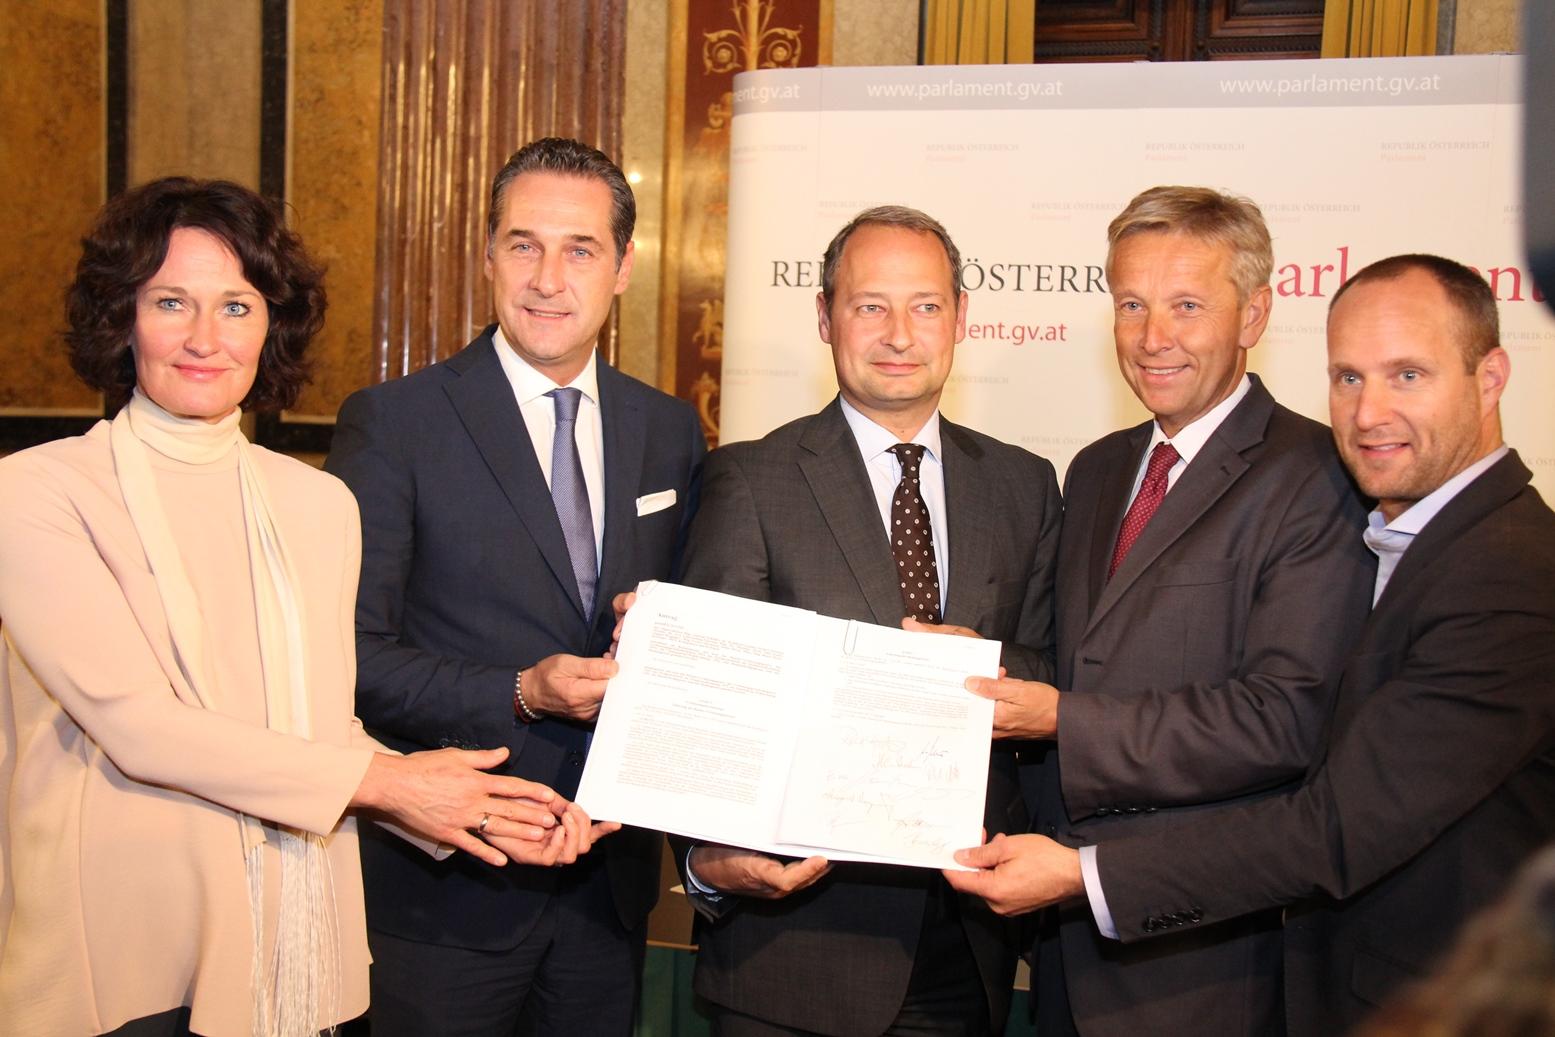 Fünf-Parteien-Einigung: Mit den Klubobleuten Eva Glawischnig (Grüne), Heinz-Christian Strache (FPÖ), Andreas Schieder (SPÖ) und Matthias Strolz (NEOS).  (c) Anne-Marie Kalin – SPÖ